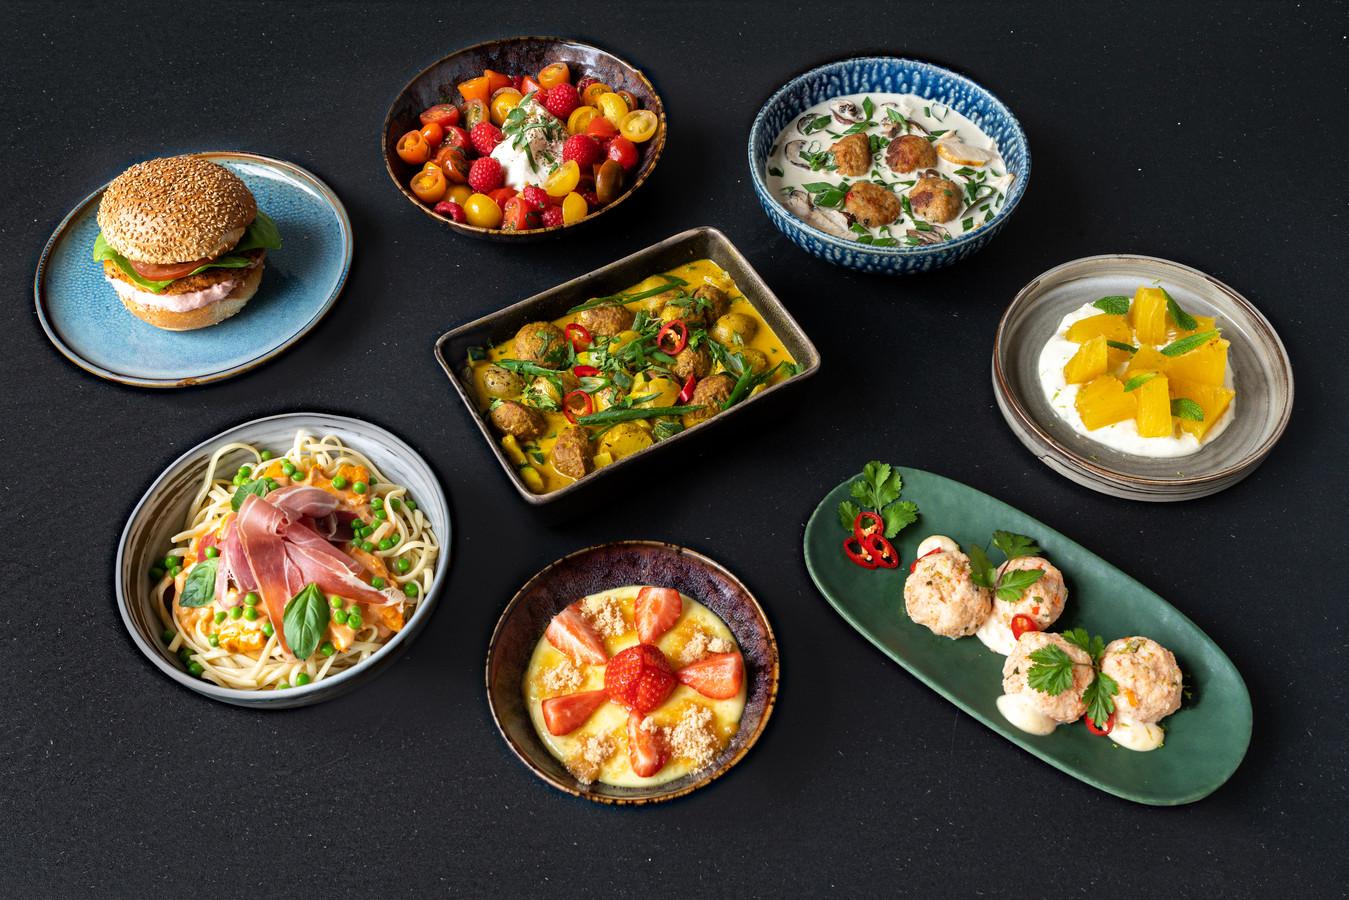 Ornelis brengt acht gerechten uit.